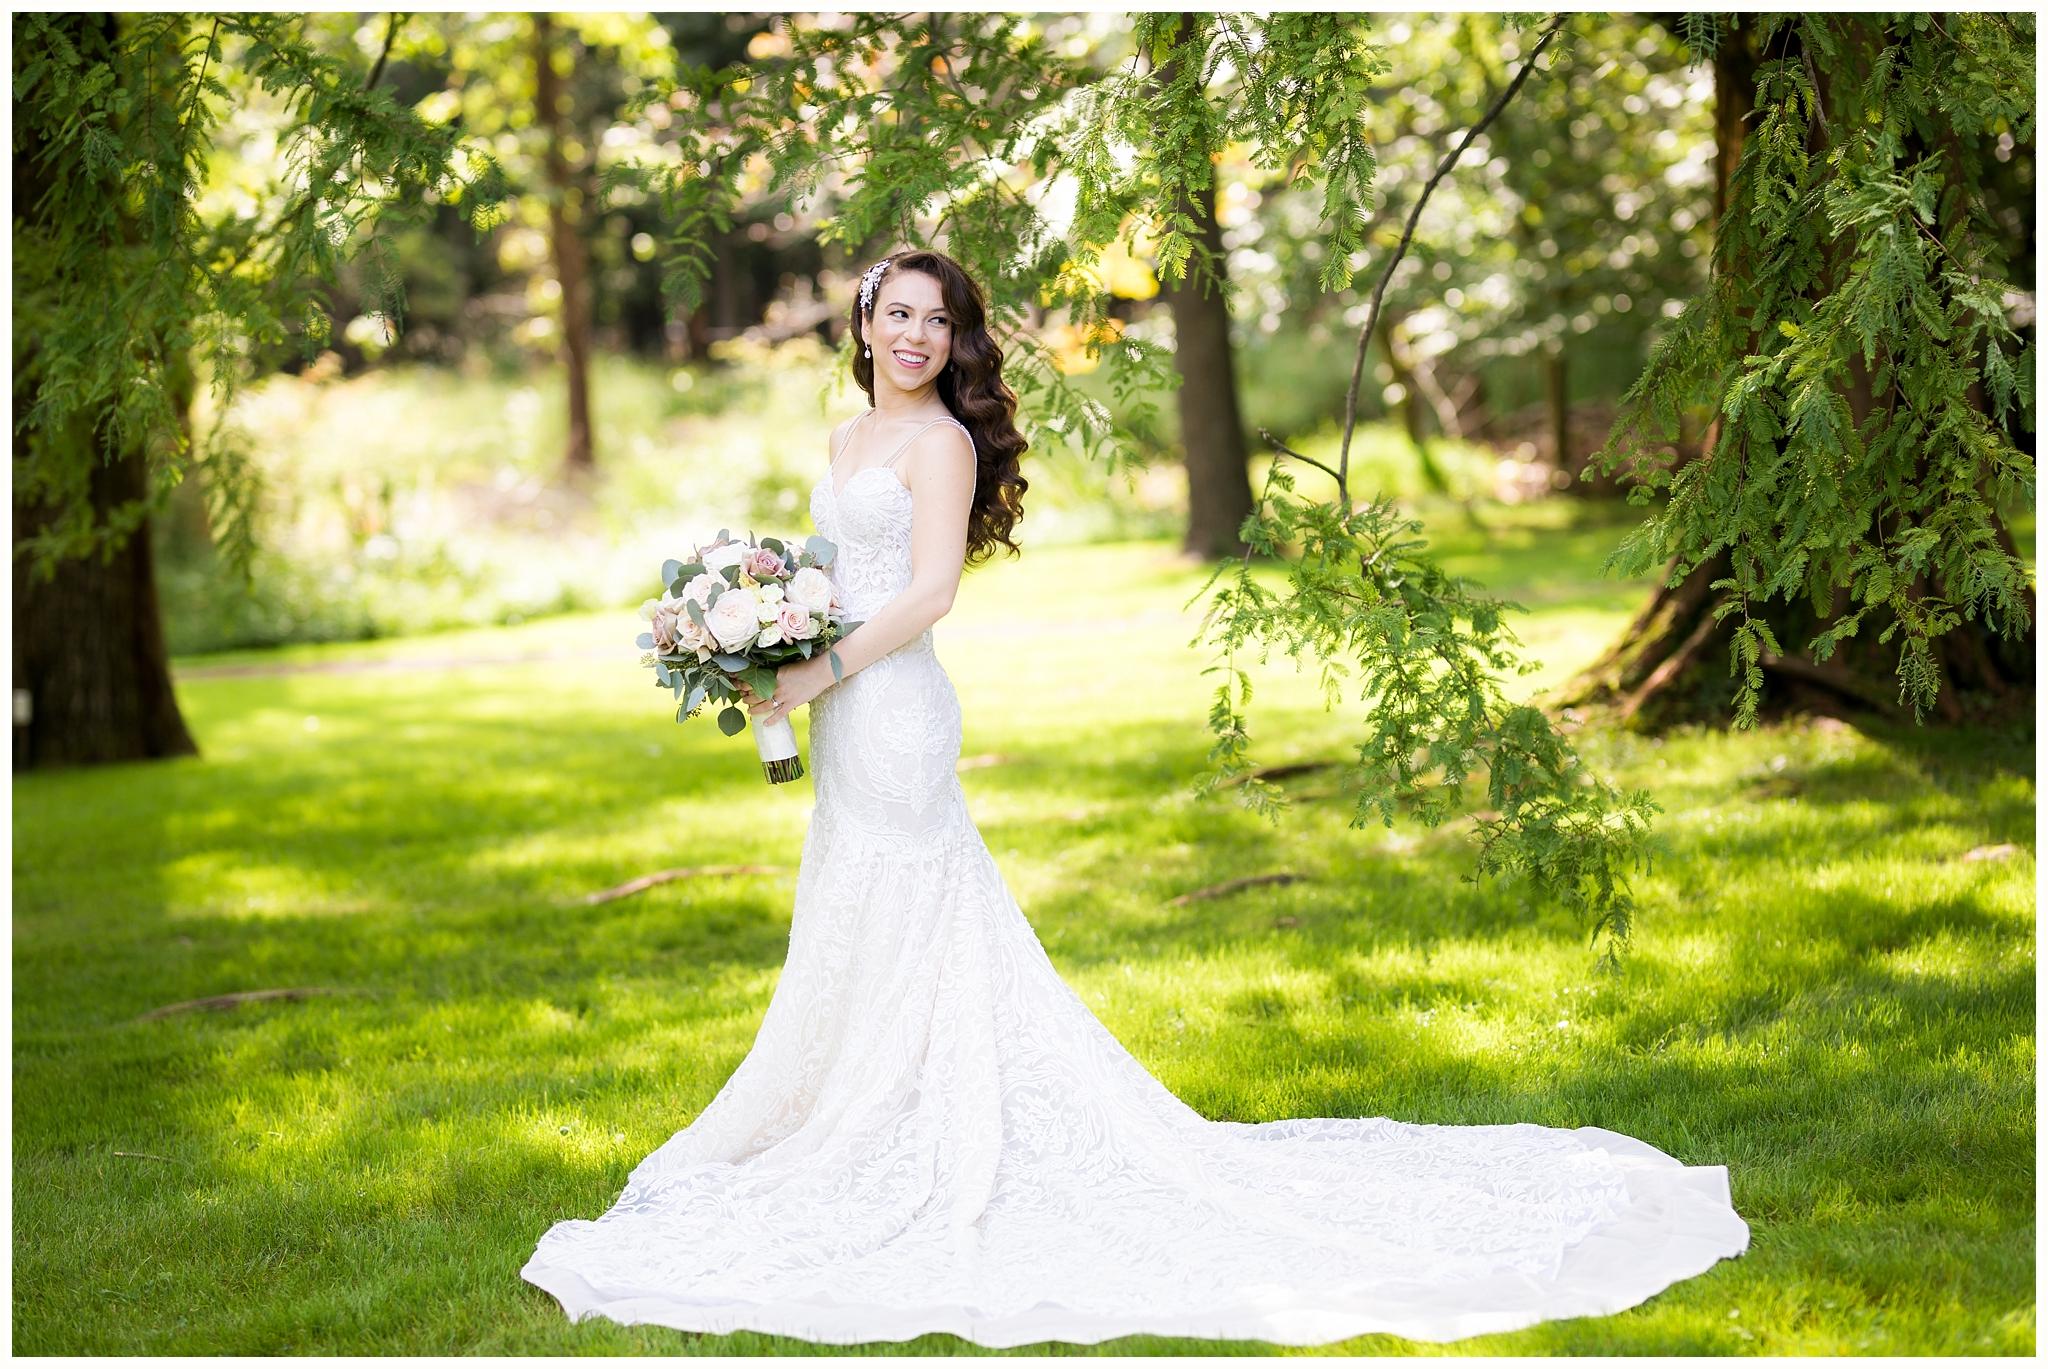 Pleasantdale Chateau Wedding NJ Wedding NYC Wedding Photographer_0013.jpg